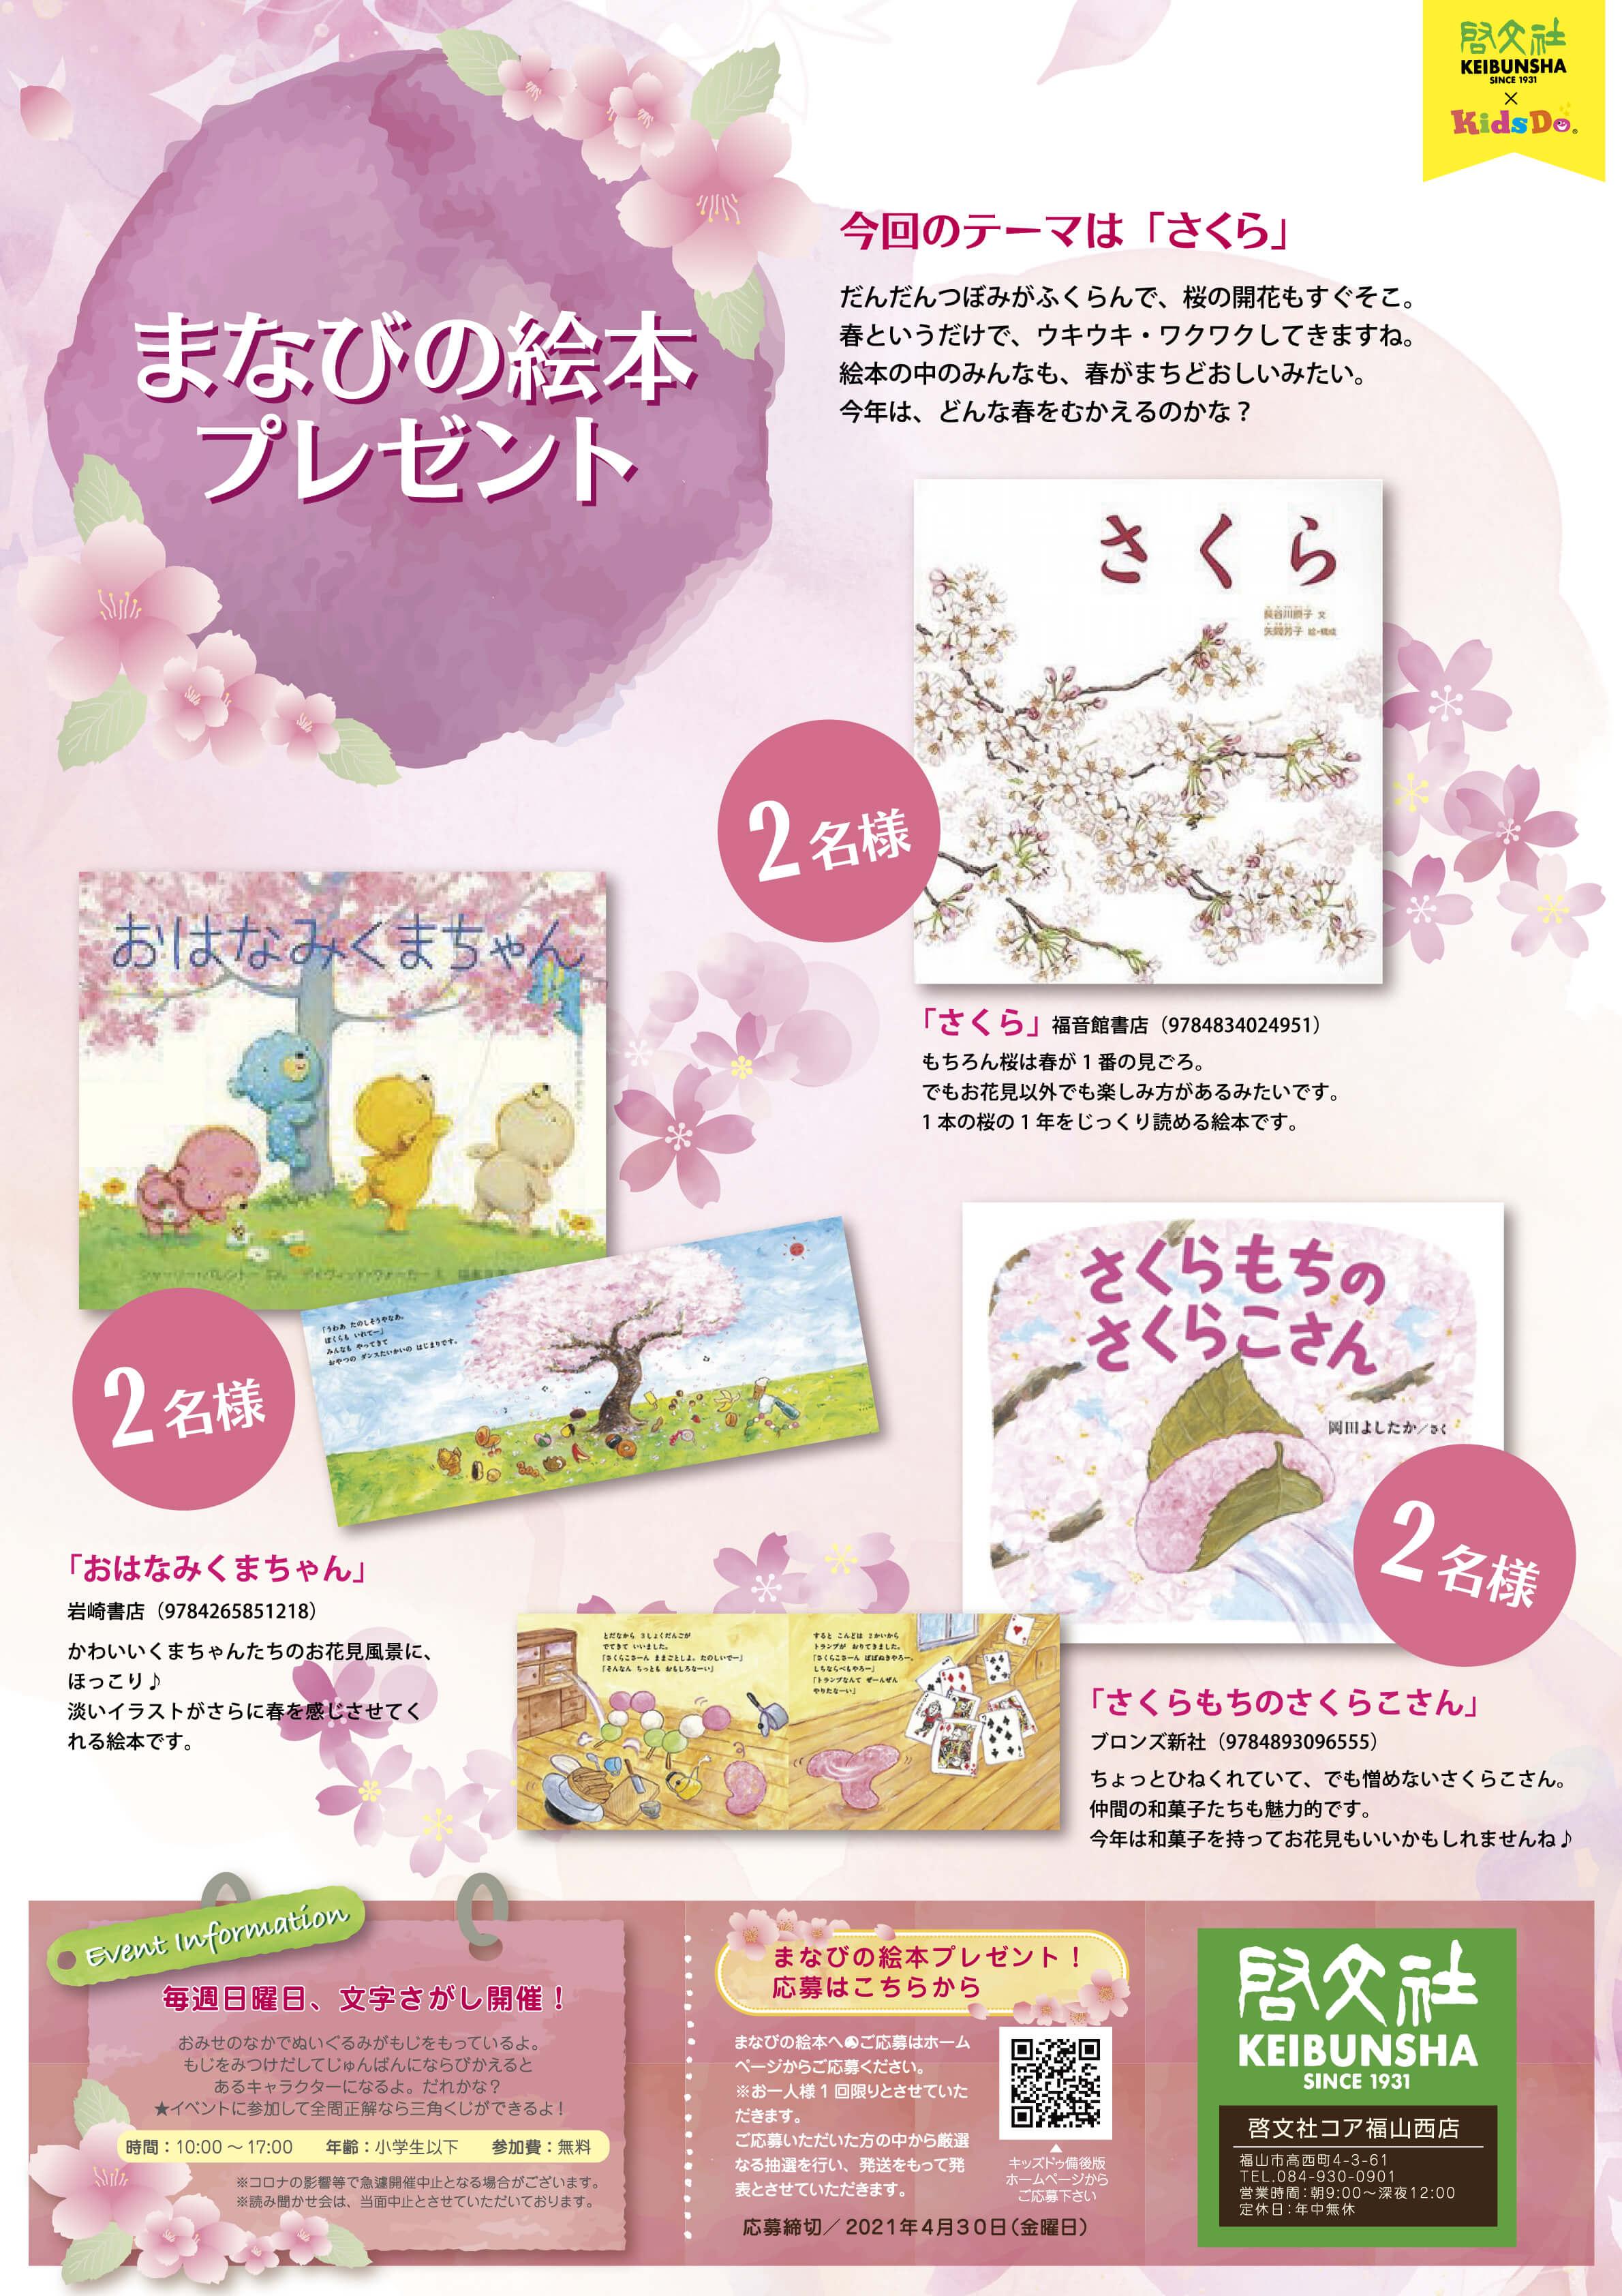 まなびの絵本プレゼント〜今回のテーマは「さくら」だんだんつぼみがふくらんで、桜の開花もすぐそこ。春というだけで、ウキウキ・ワクワクしてきますね。絵本の中のみんなも、春がまちどおしいみたい。今年は、どんな春をむかえるのかな?